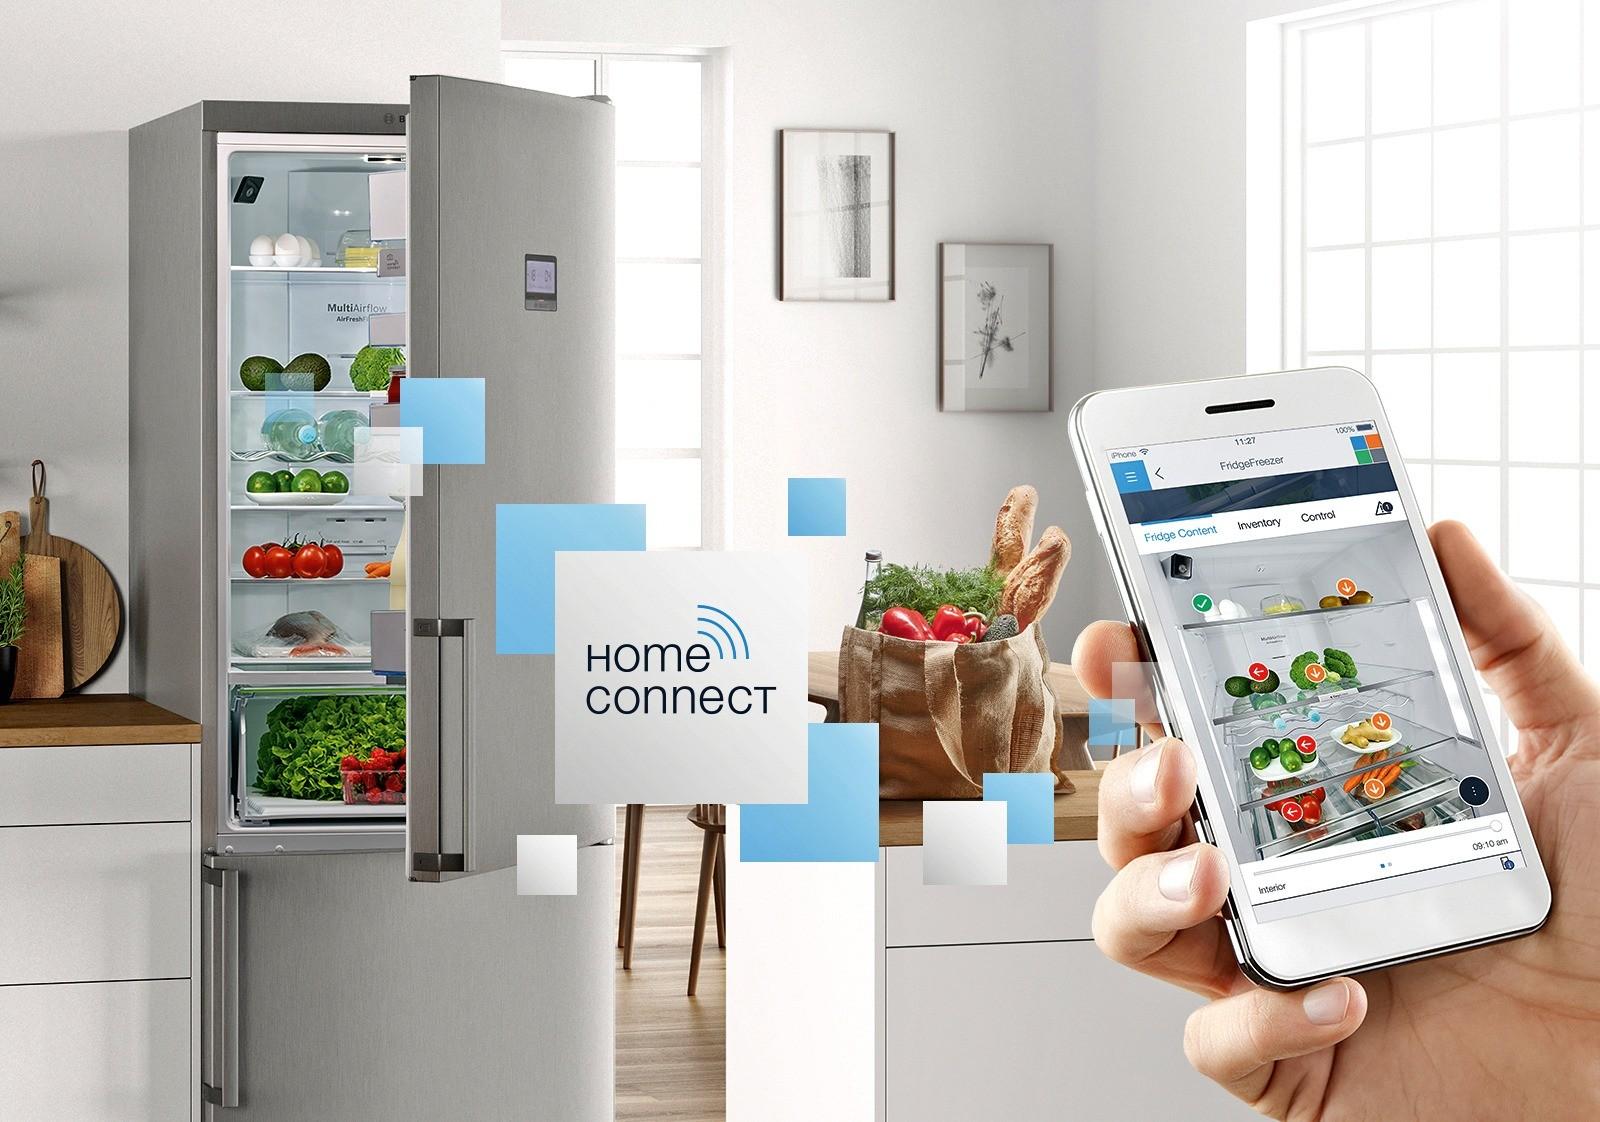 Разрешение 8K, голосовые помощники, интернет вещей — что еще придумали производители бытовой техники для дома?